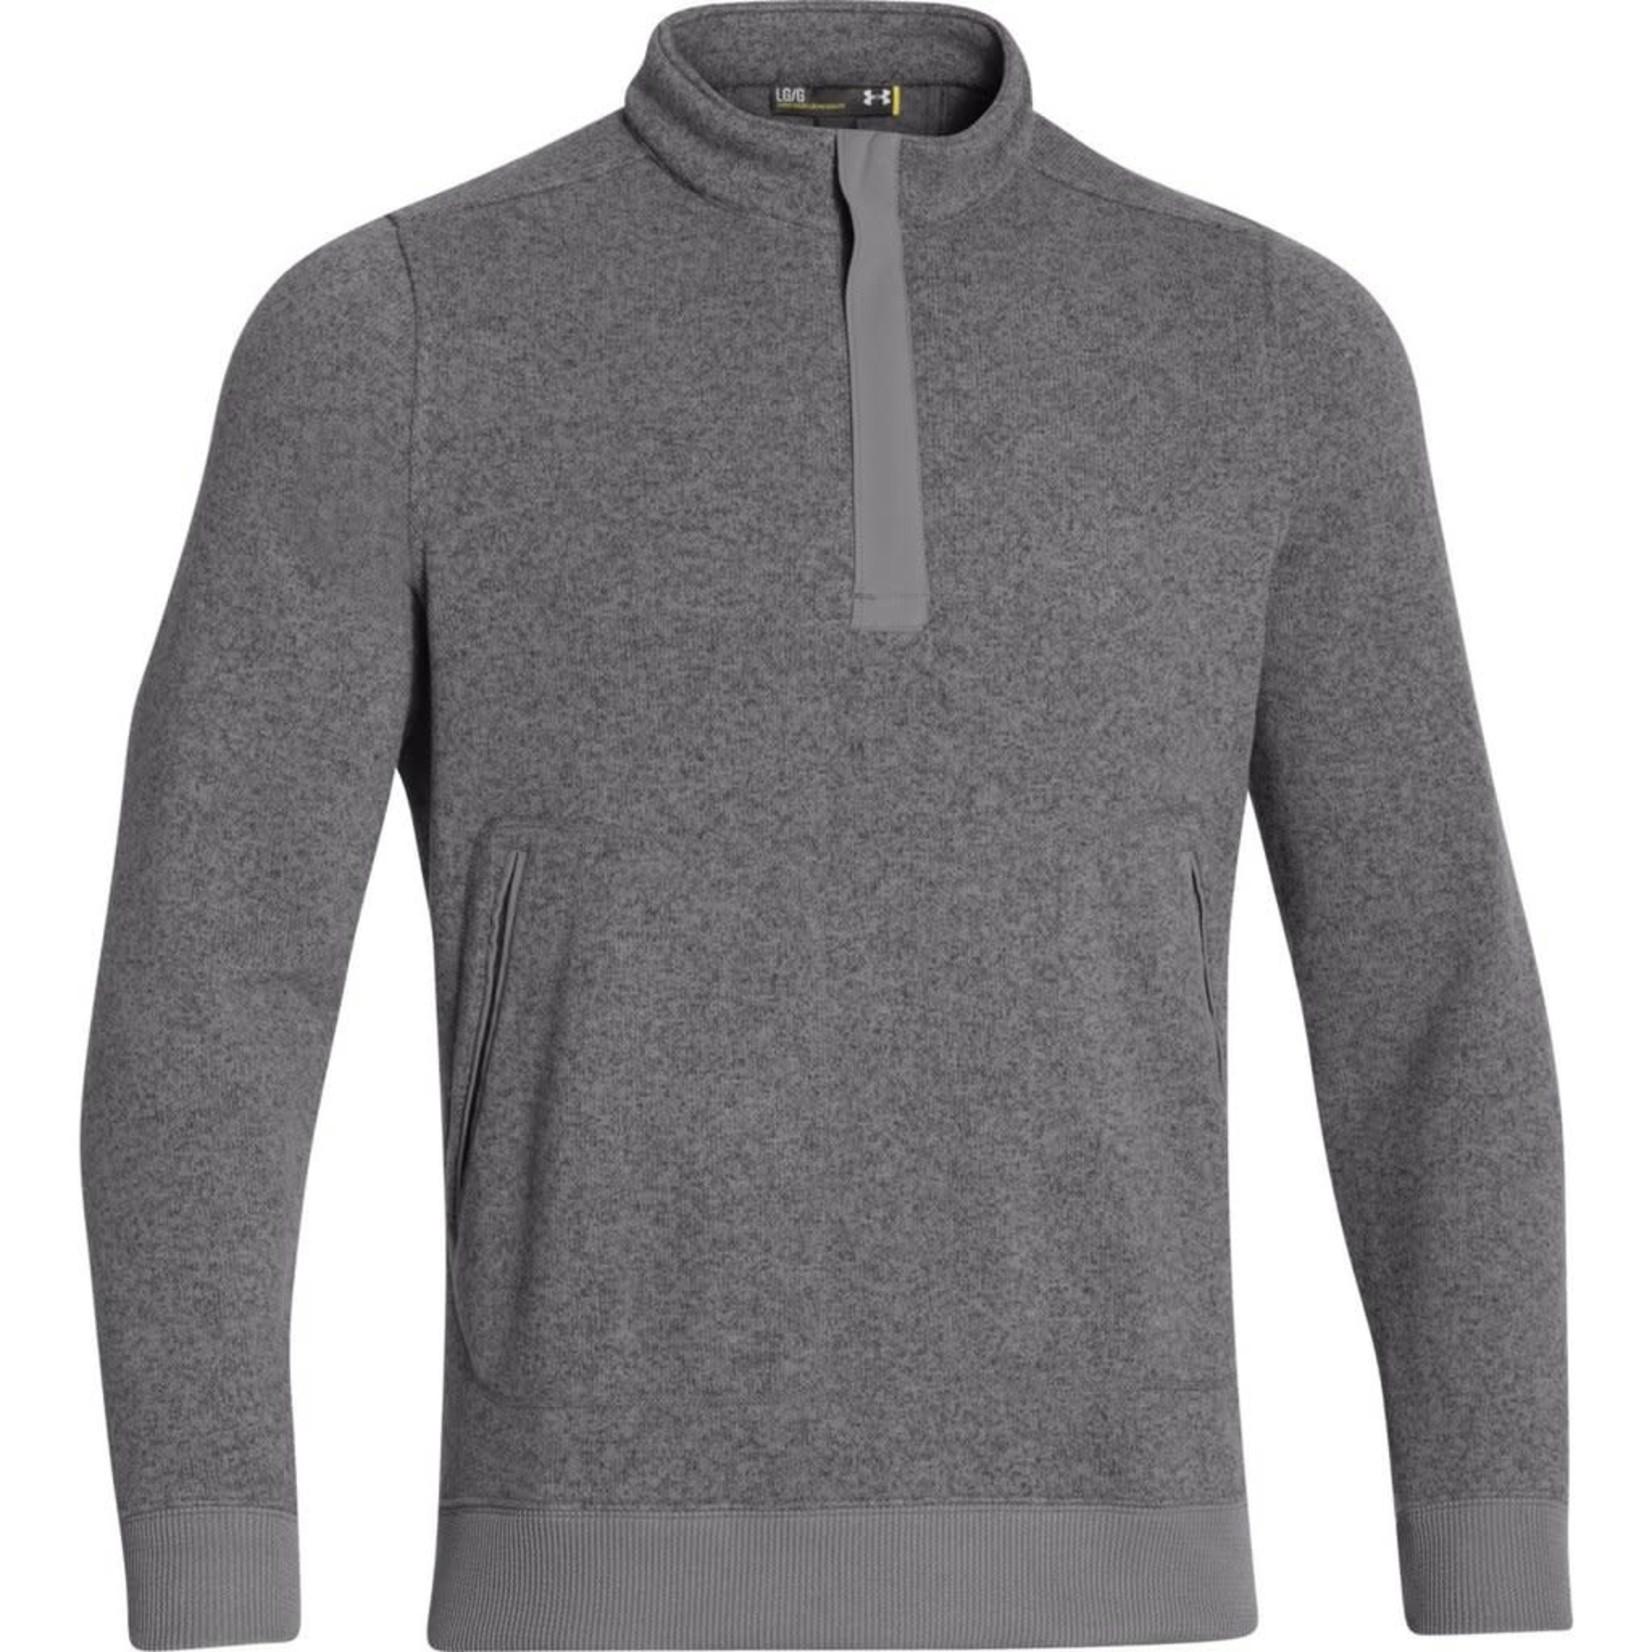 UA 1259101 Under Armour Men's Graphite Elevate Quarter Zip Sweater S